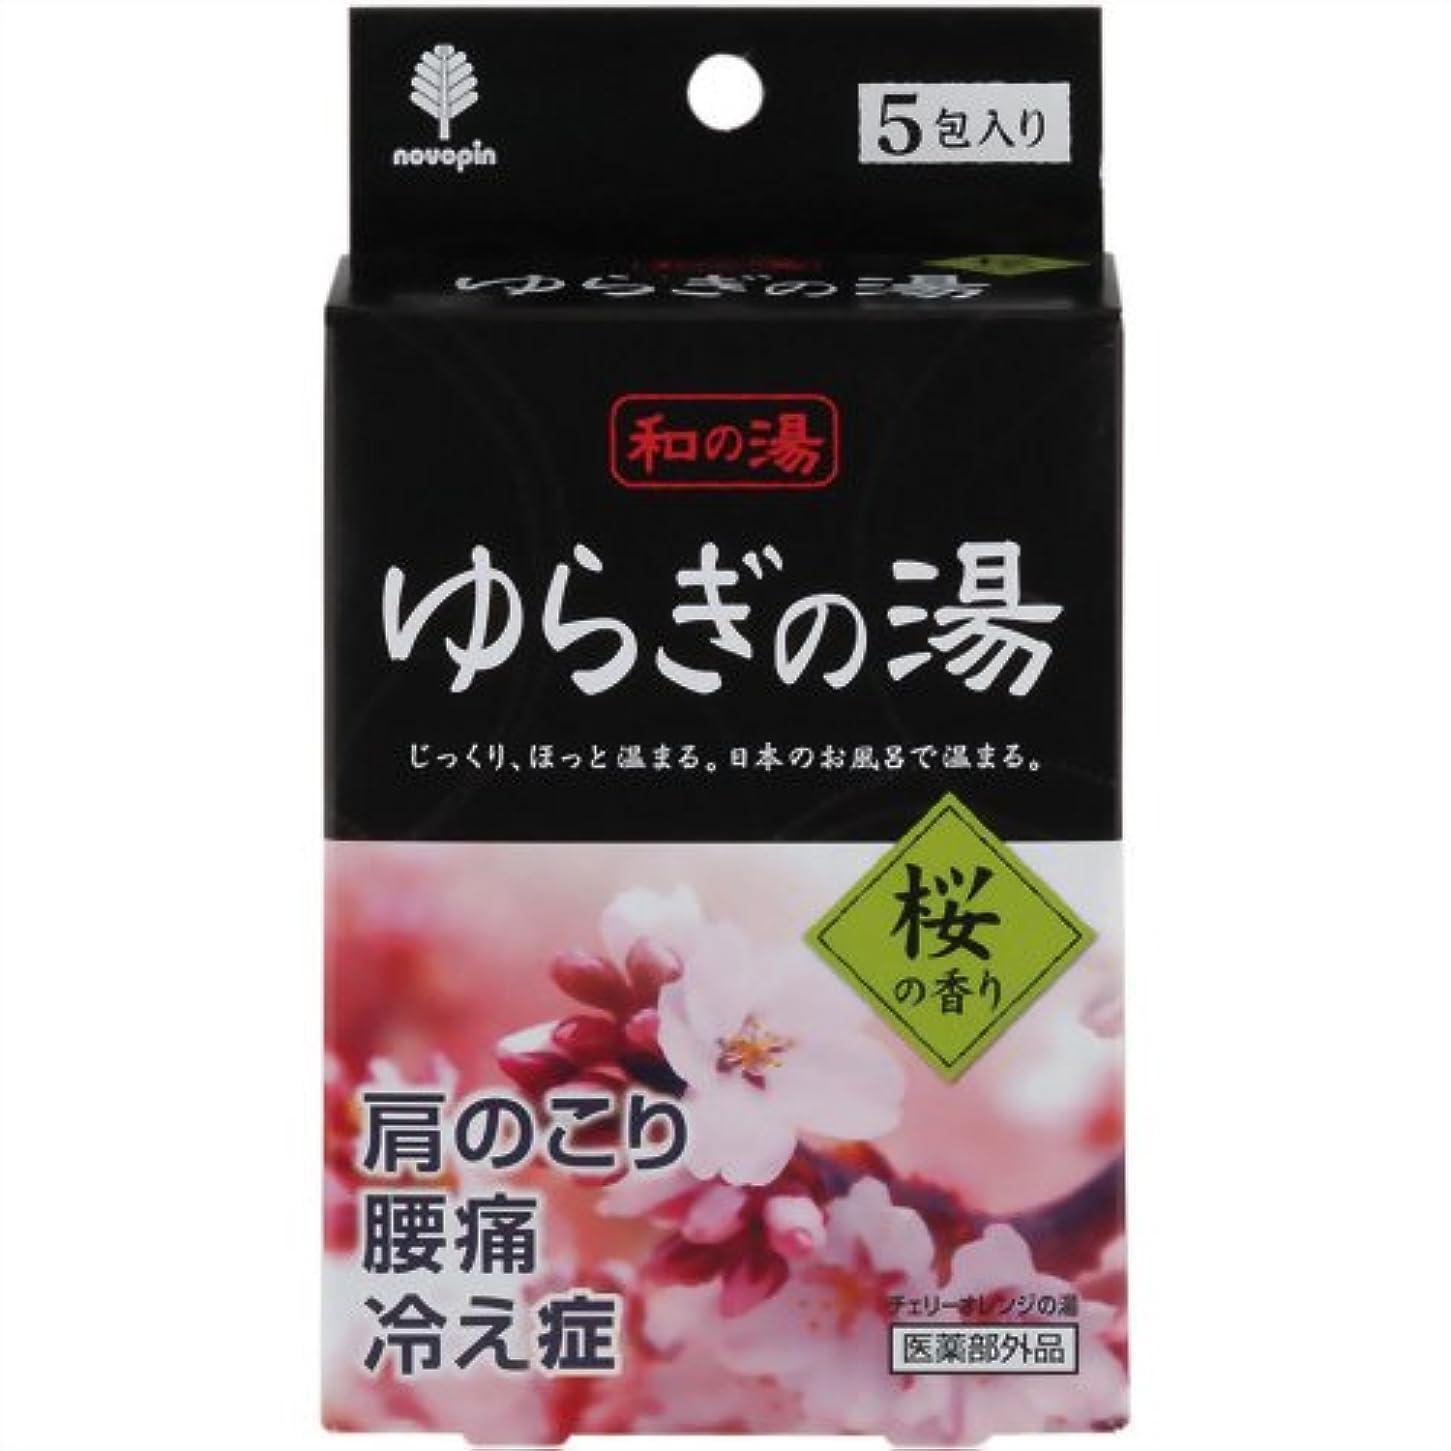 口頭削減通行料金和の湯 ゆらぎの湯 桜の香り